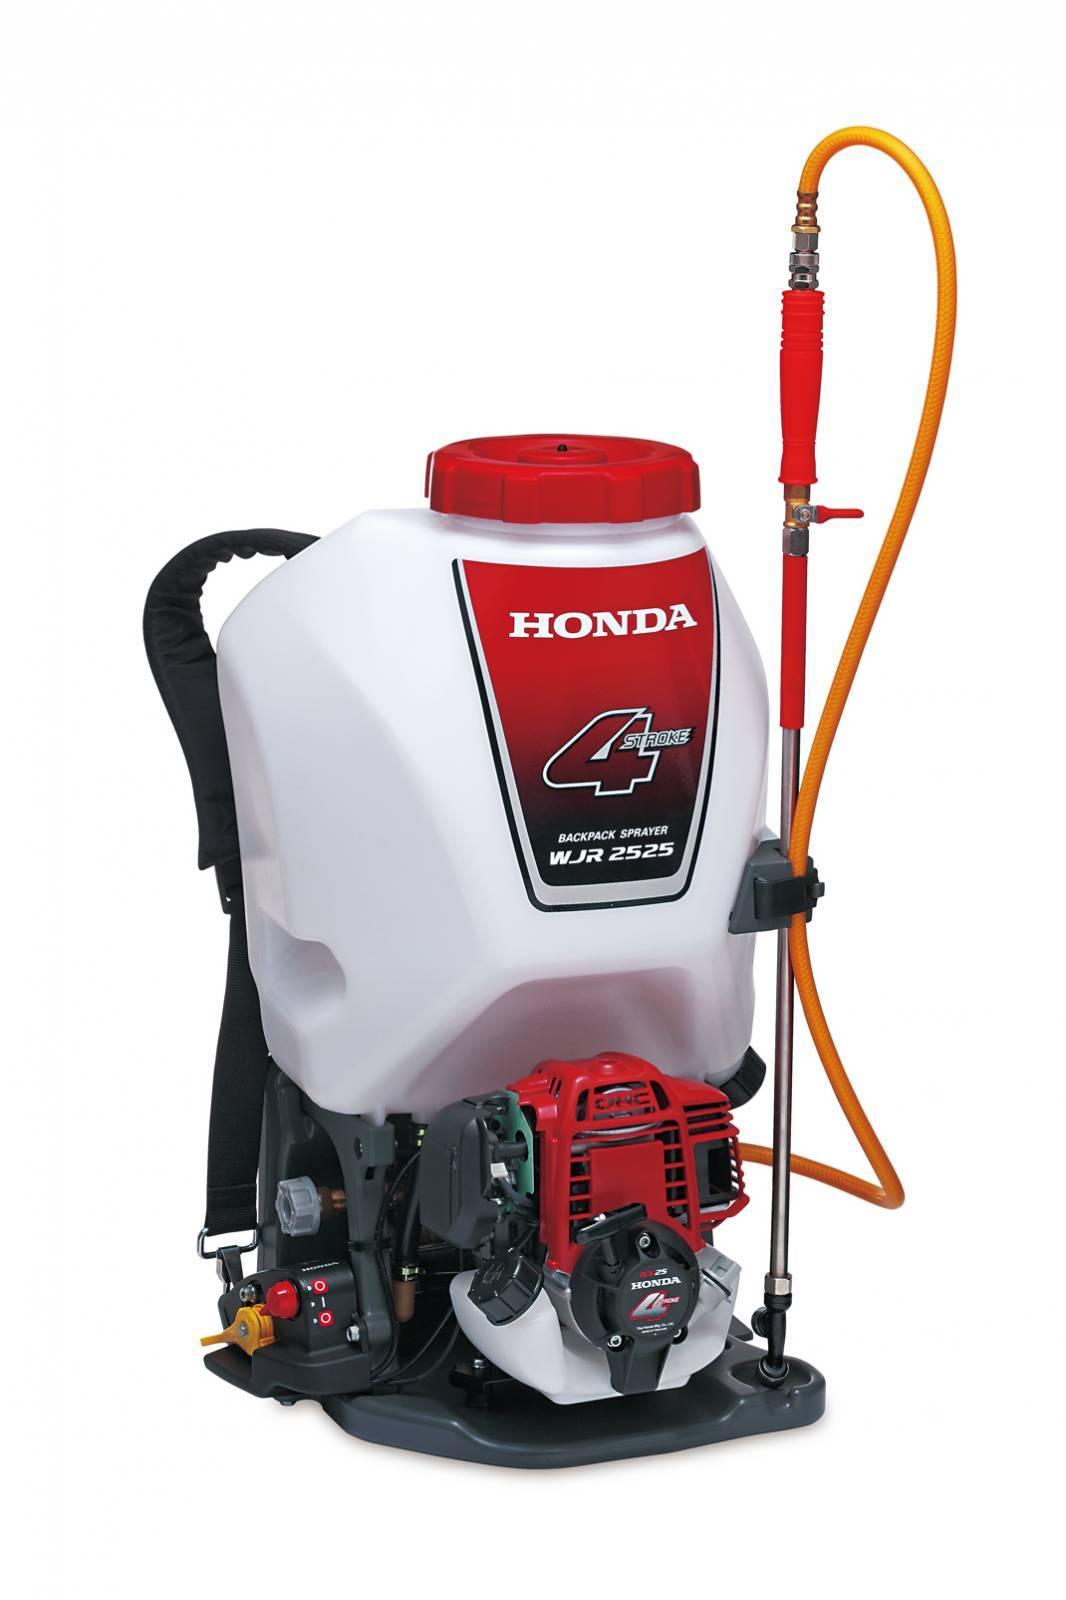 Pulverizador Costal Honda WJR 2525T a Gasolina 4T 7000rpm  - Hs Floresta e Jardim